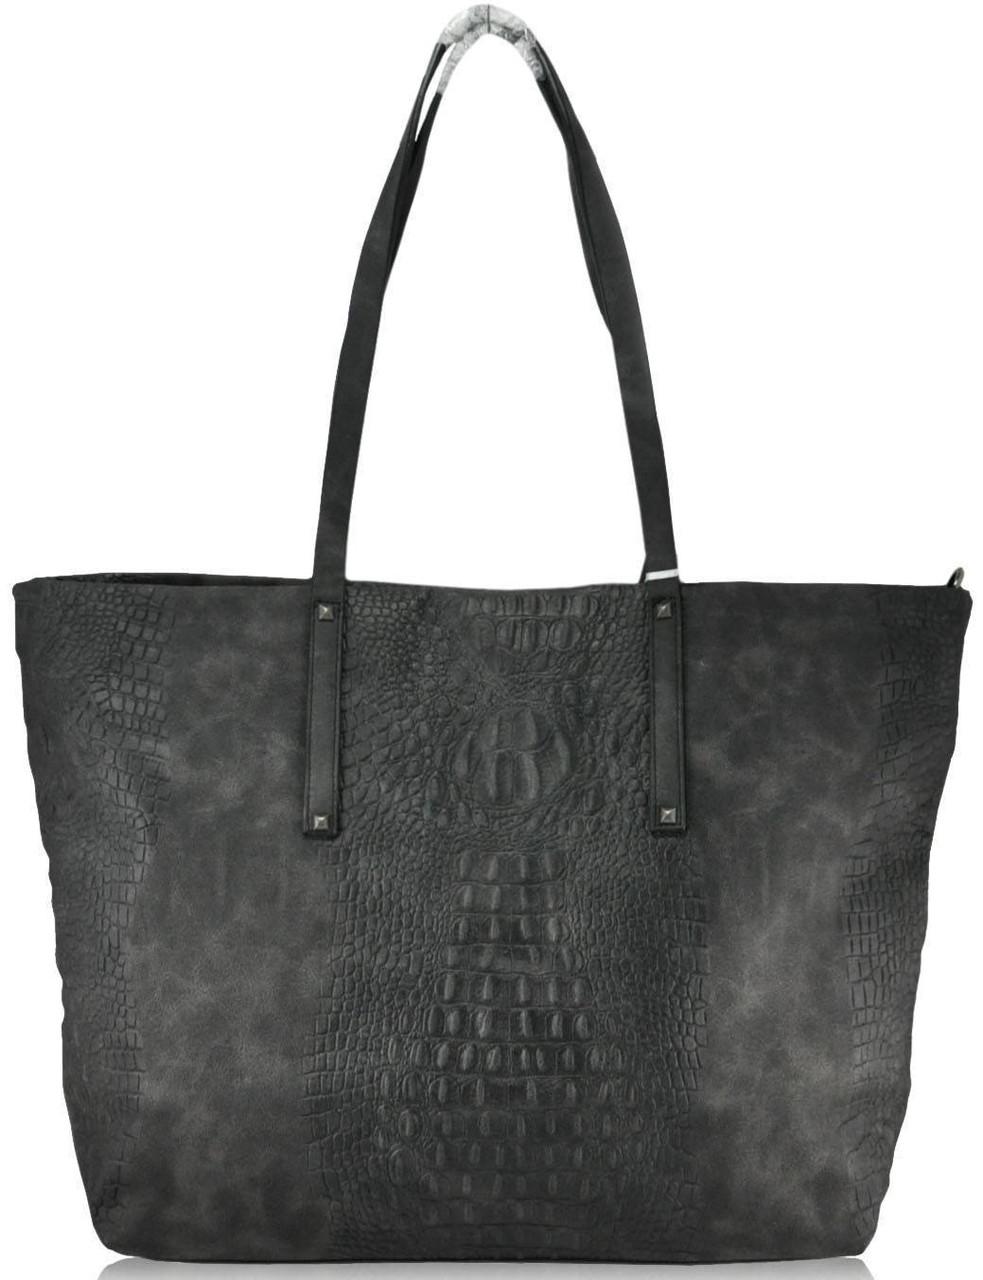 Женская сумка 896 черная